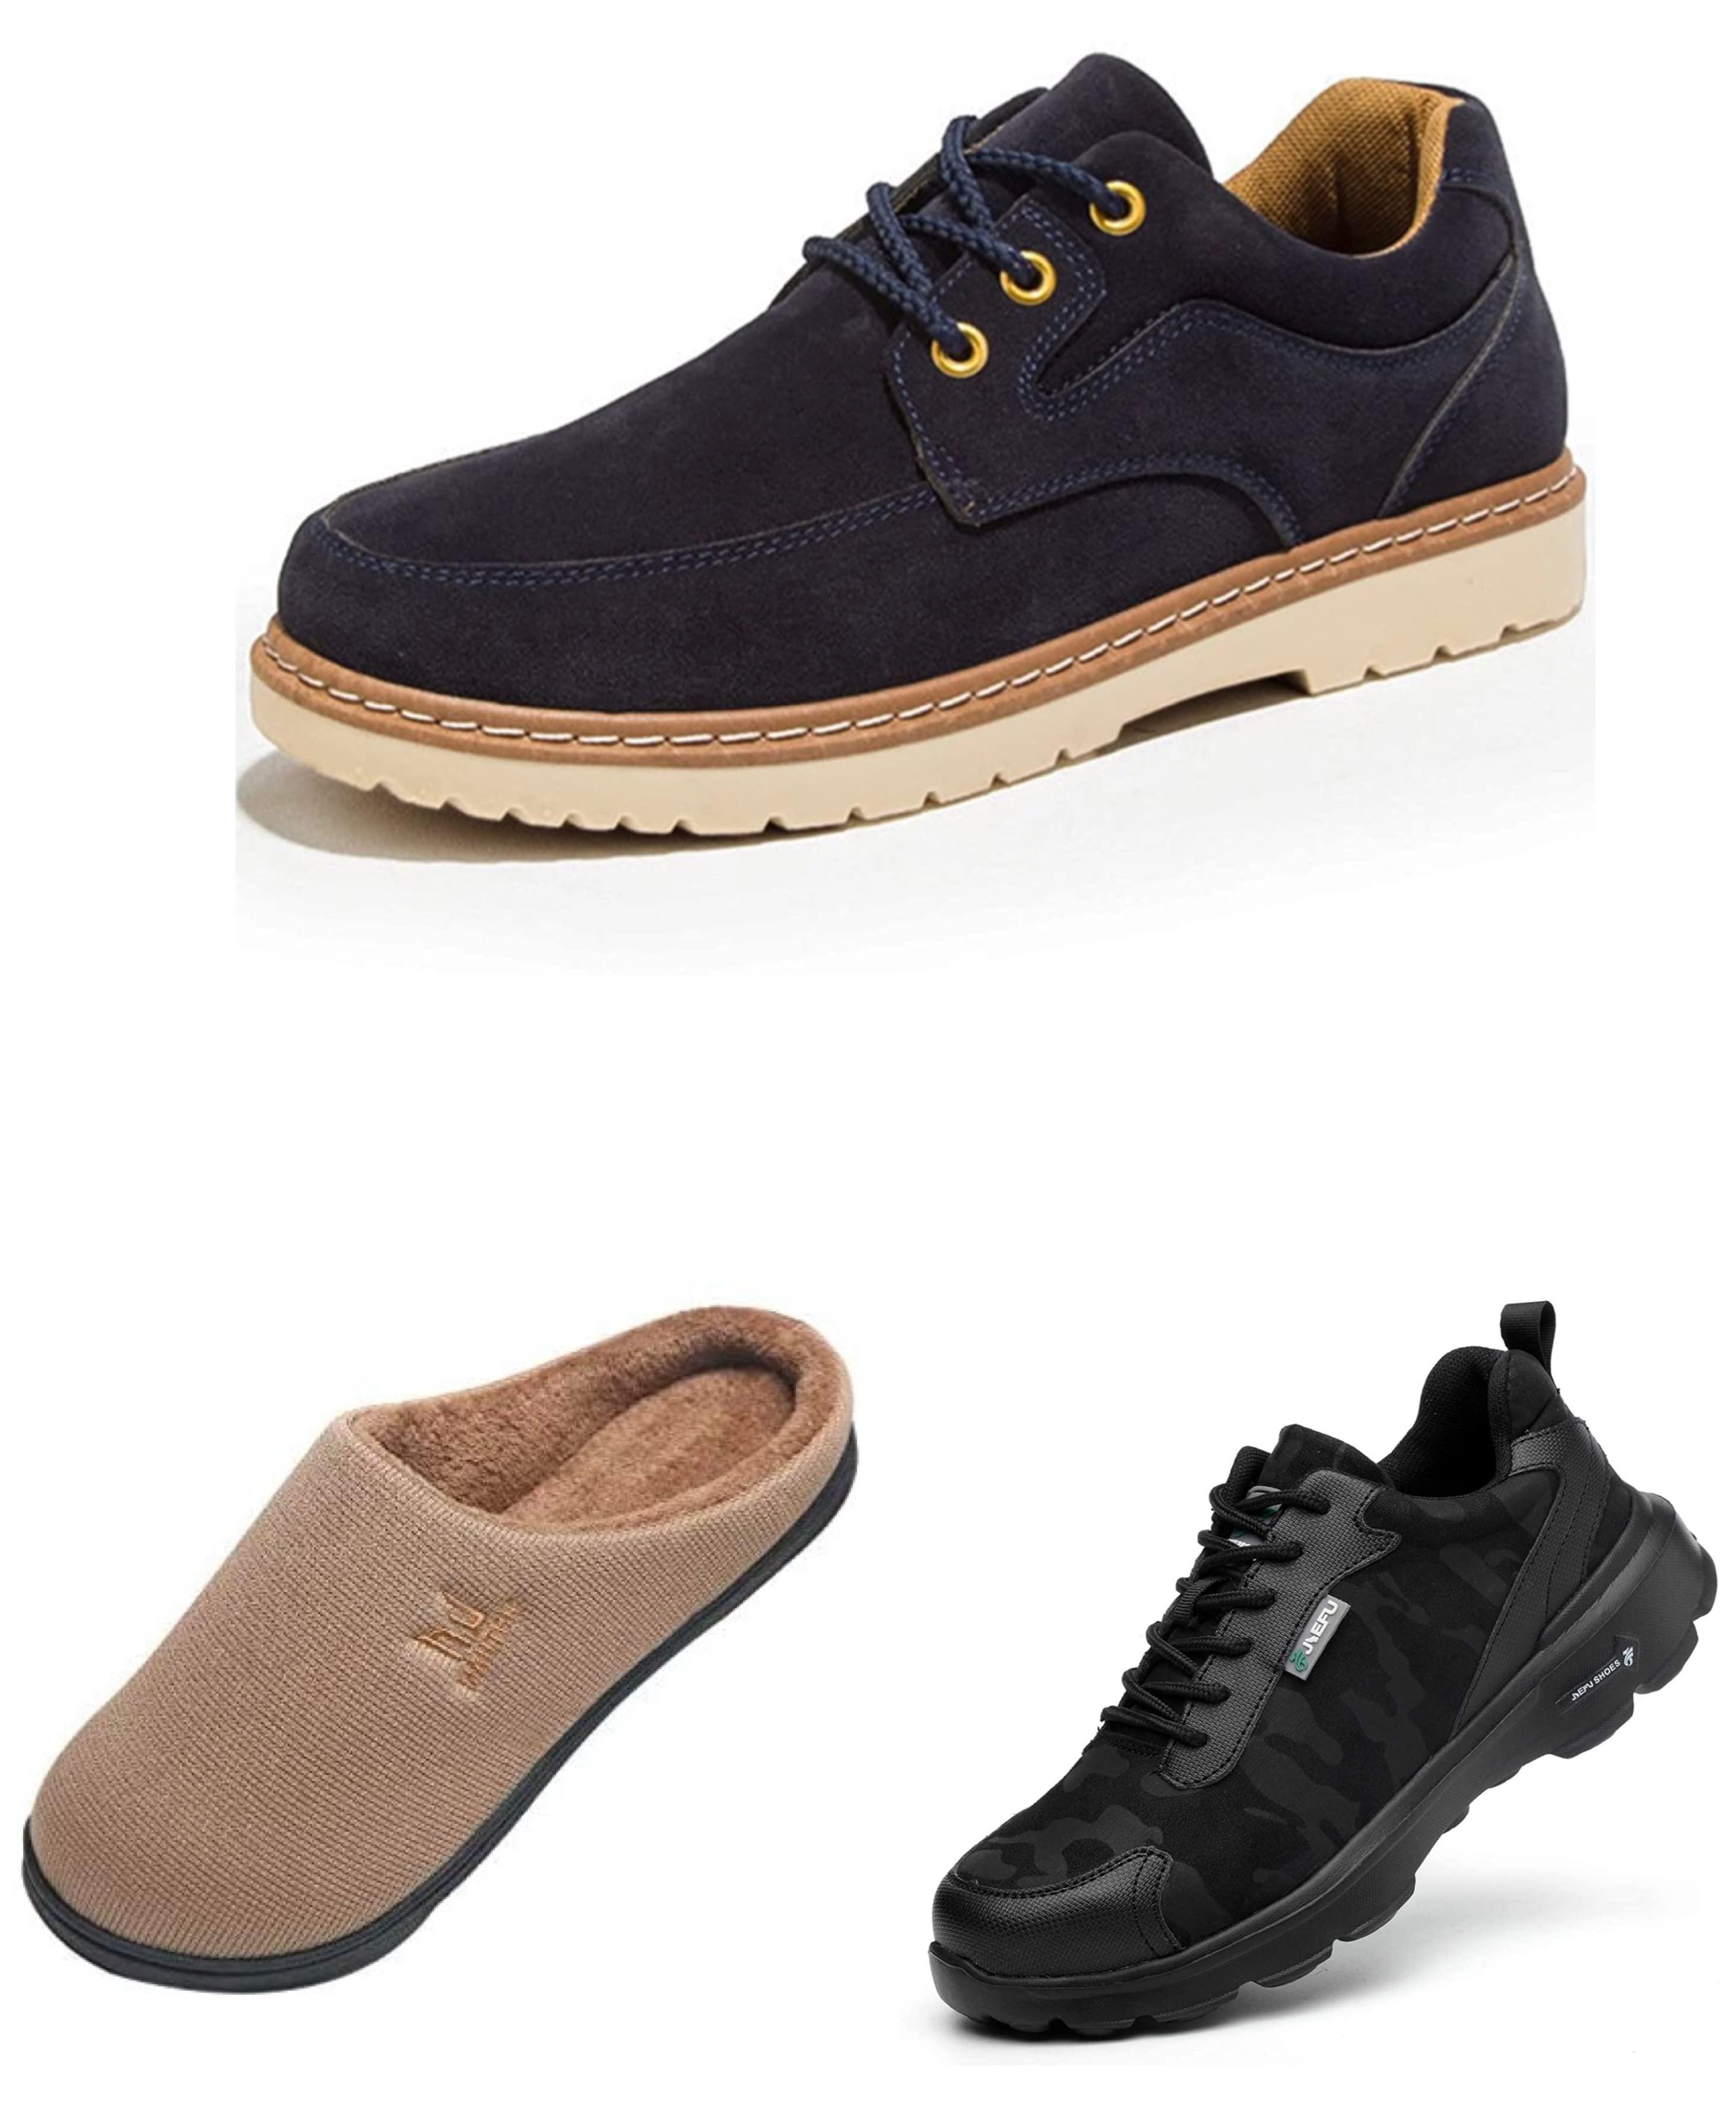 メンズ秋冬カジュアルシューズ・ブーツがお買い得; セール価格: ¥1,919 - ¥2,449